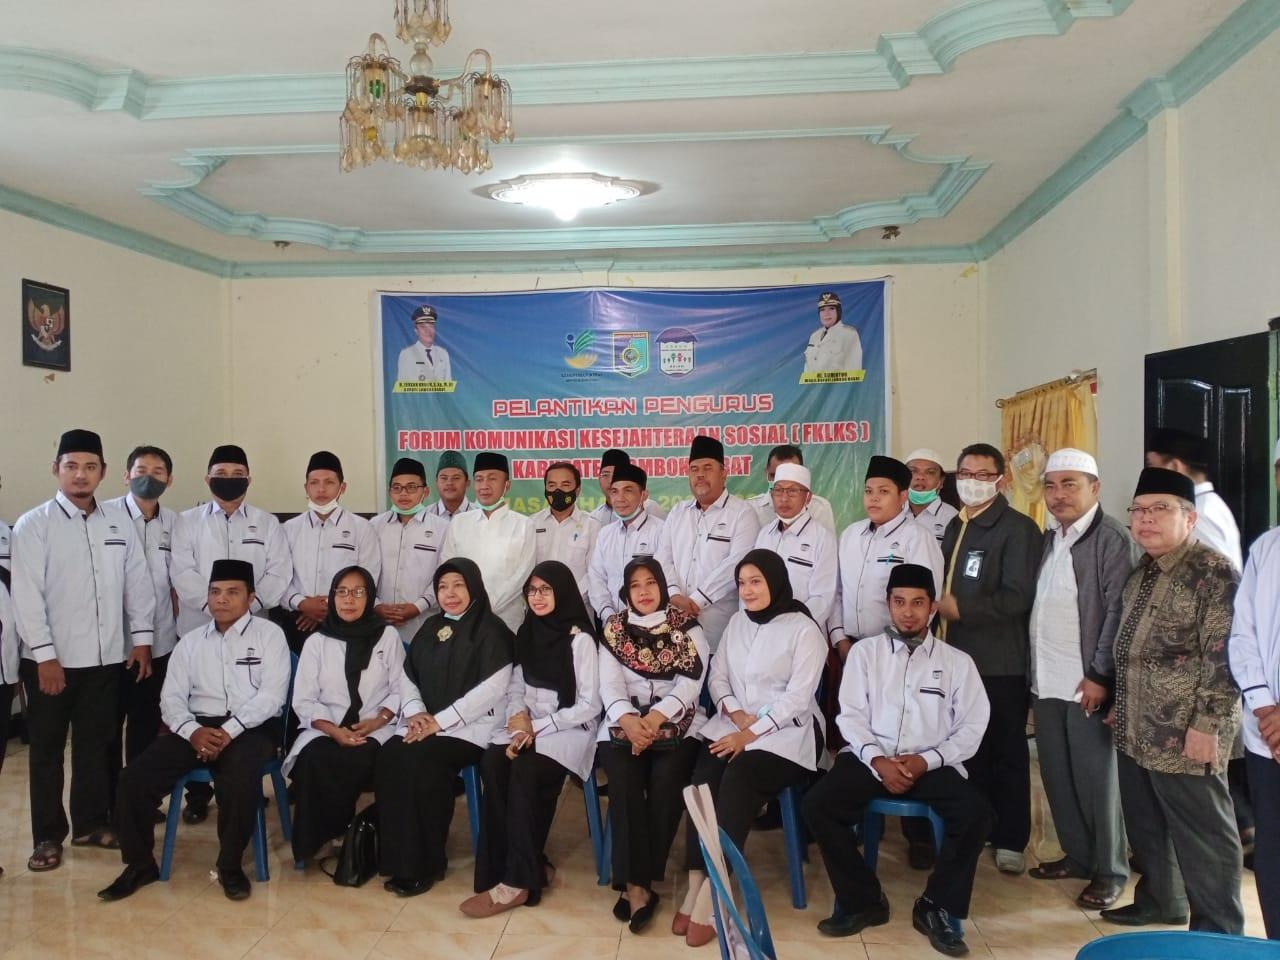 Pelantikan_Pengurus_Forum_Komunikasi_Kesejahteraan_Sosial_Kab_Lombok_Barat.html